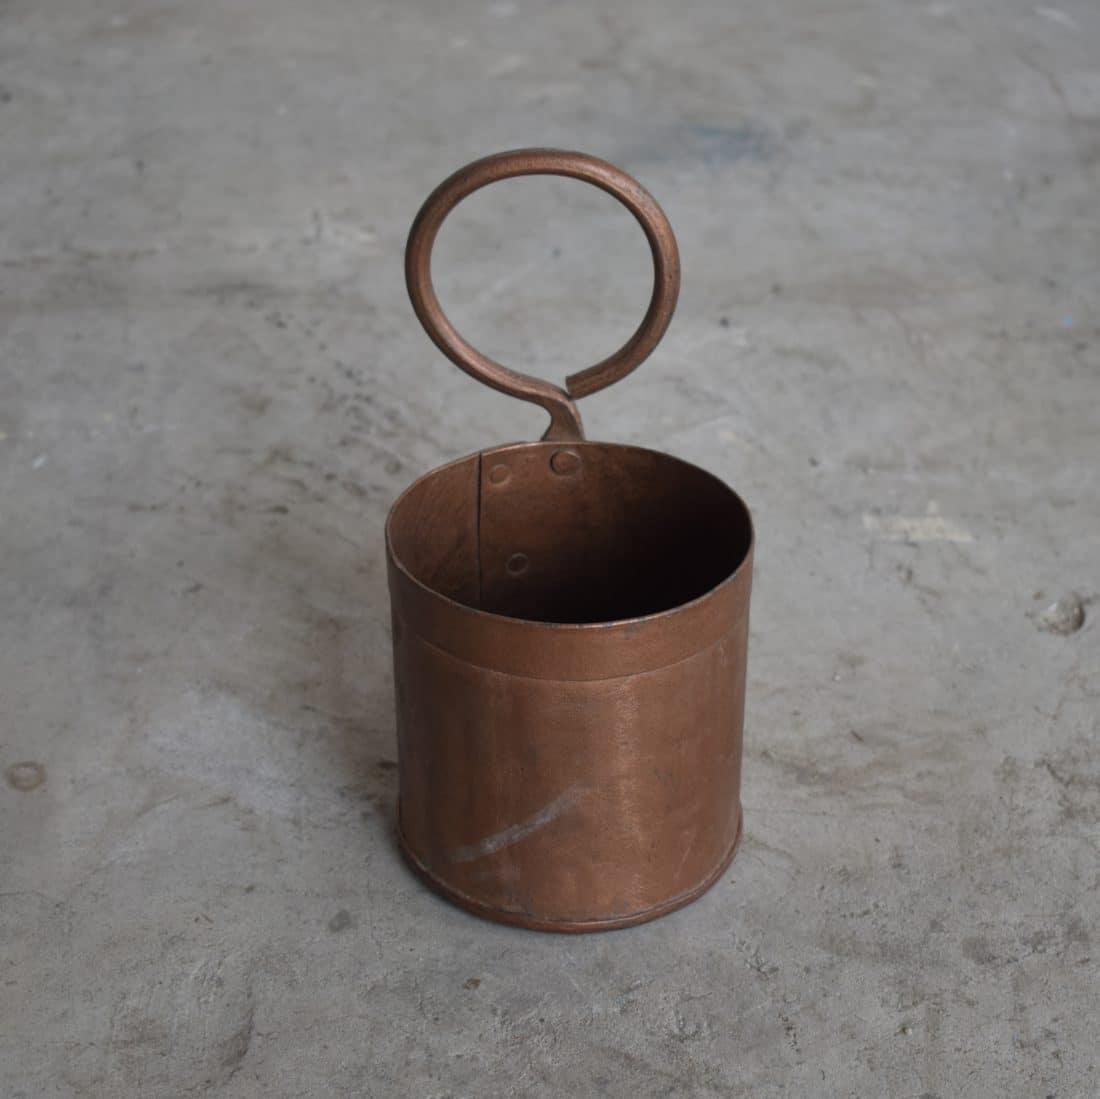 Stoer Metalen Bakje Met Ring Koperkleurig